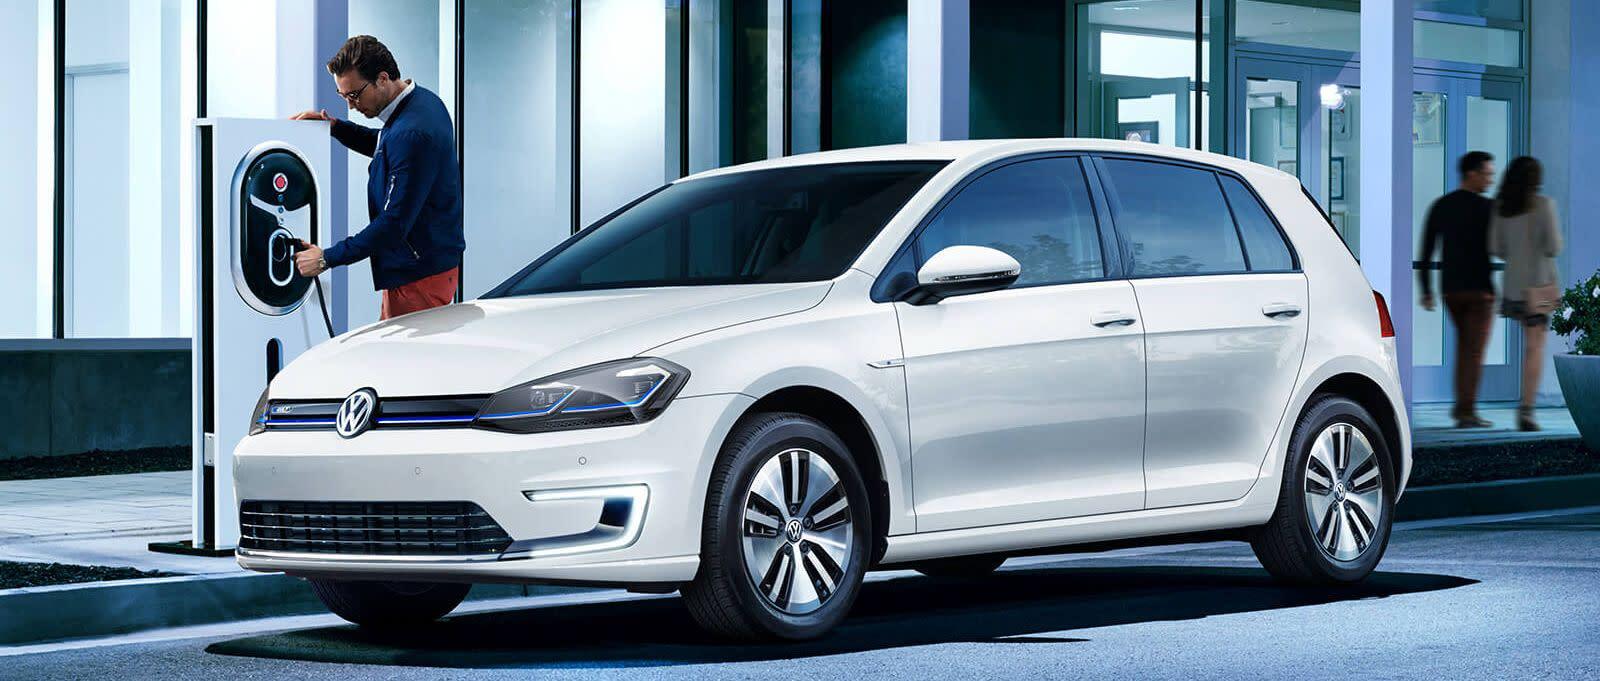 El increíble Volkswagen e-Golf 2018